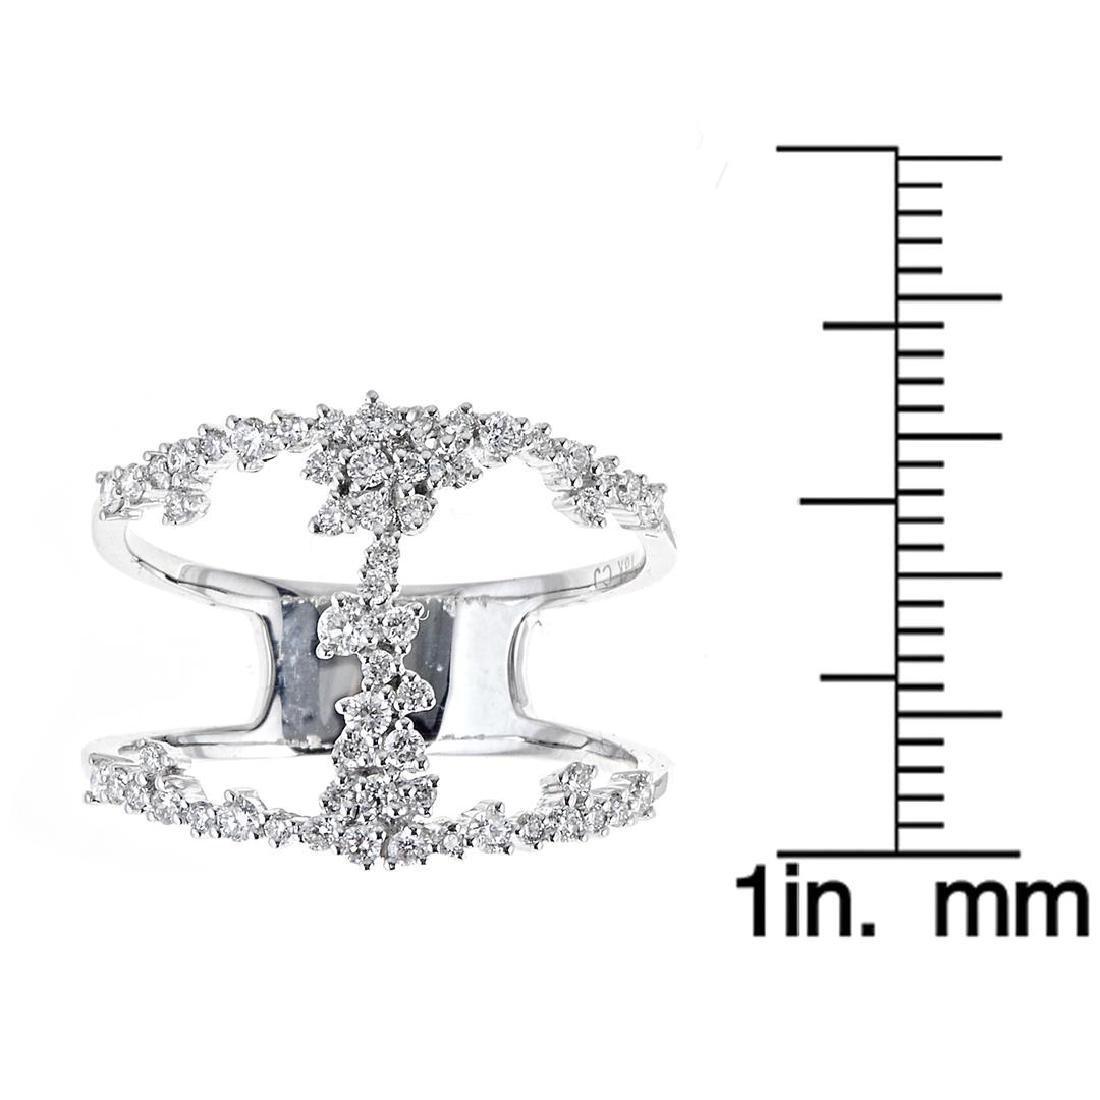 0.51 ctw Diamond Ring - 18KT White Gold - 3